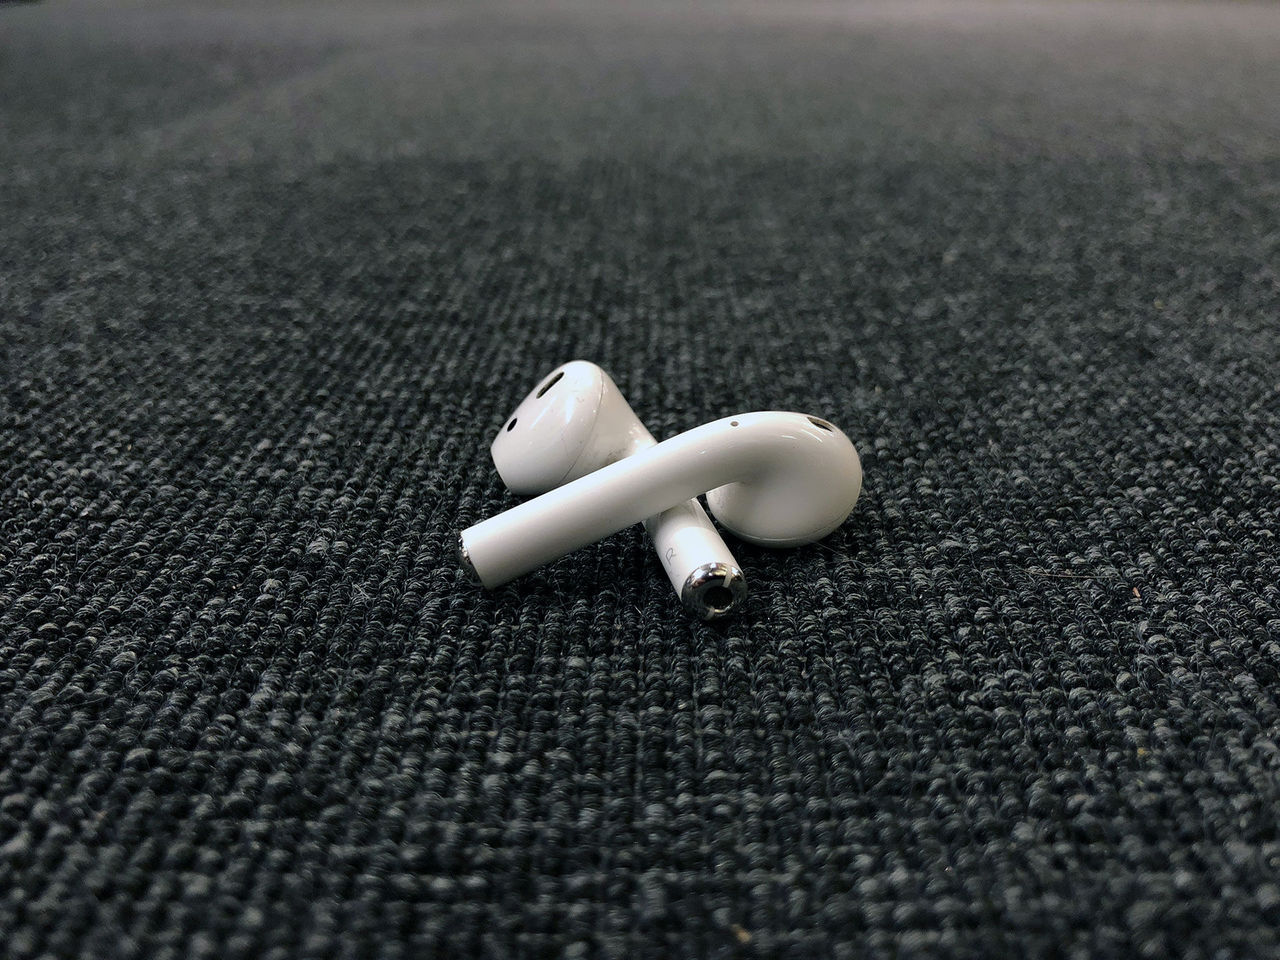 Apple ryktas jobba på AirPods med brusreducering